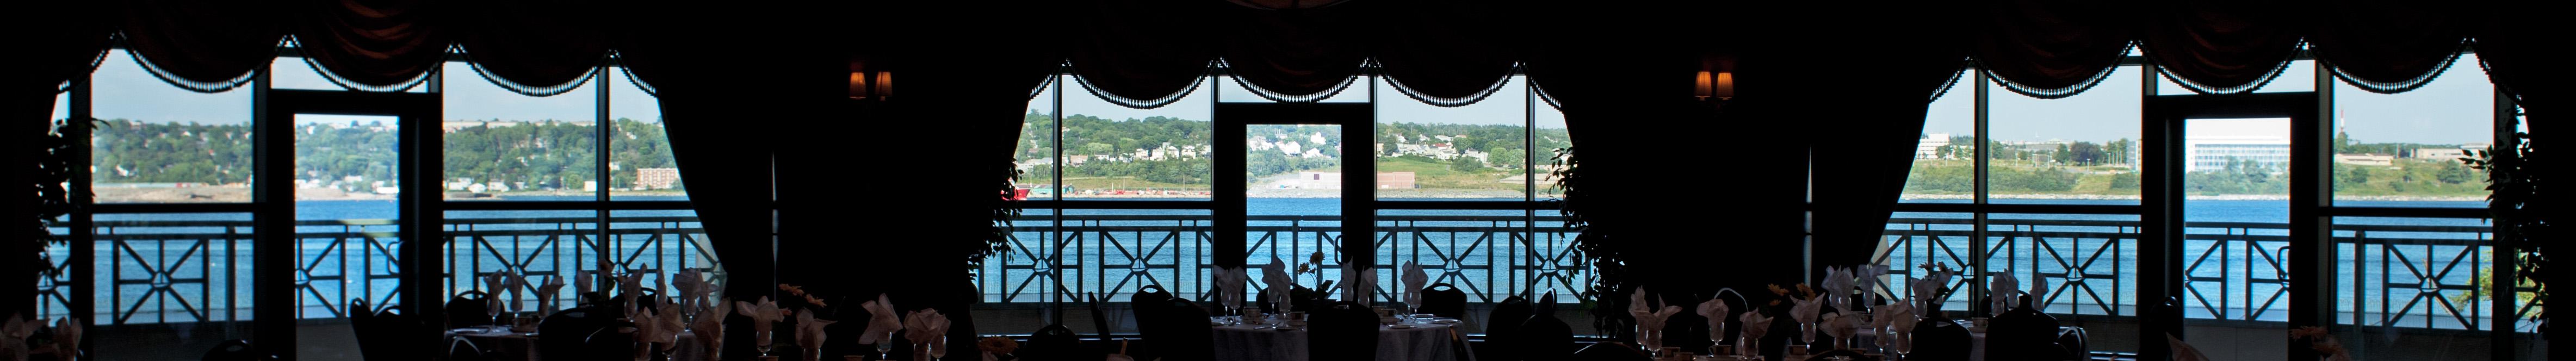 Compass Room Casino Nova Scotia